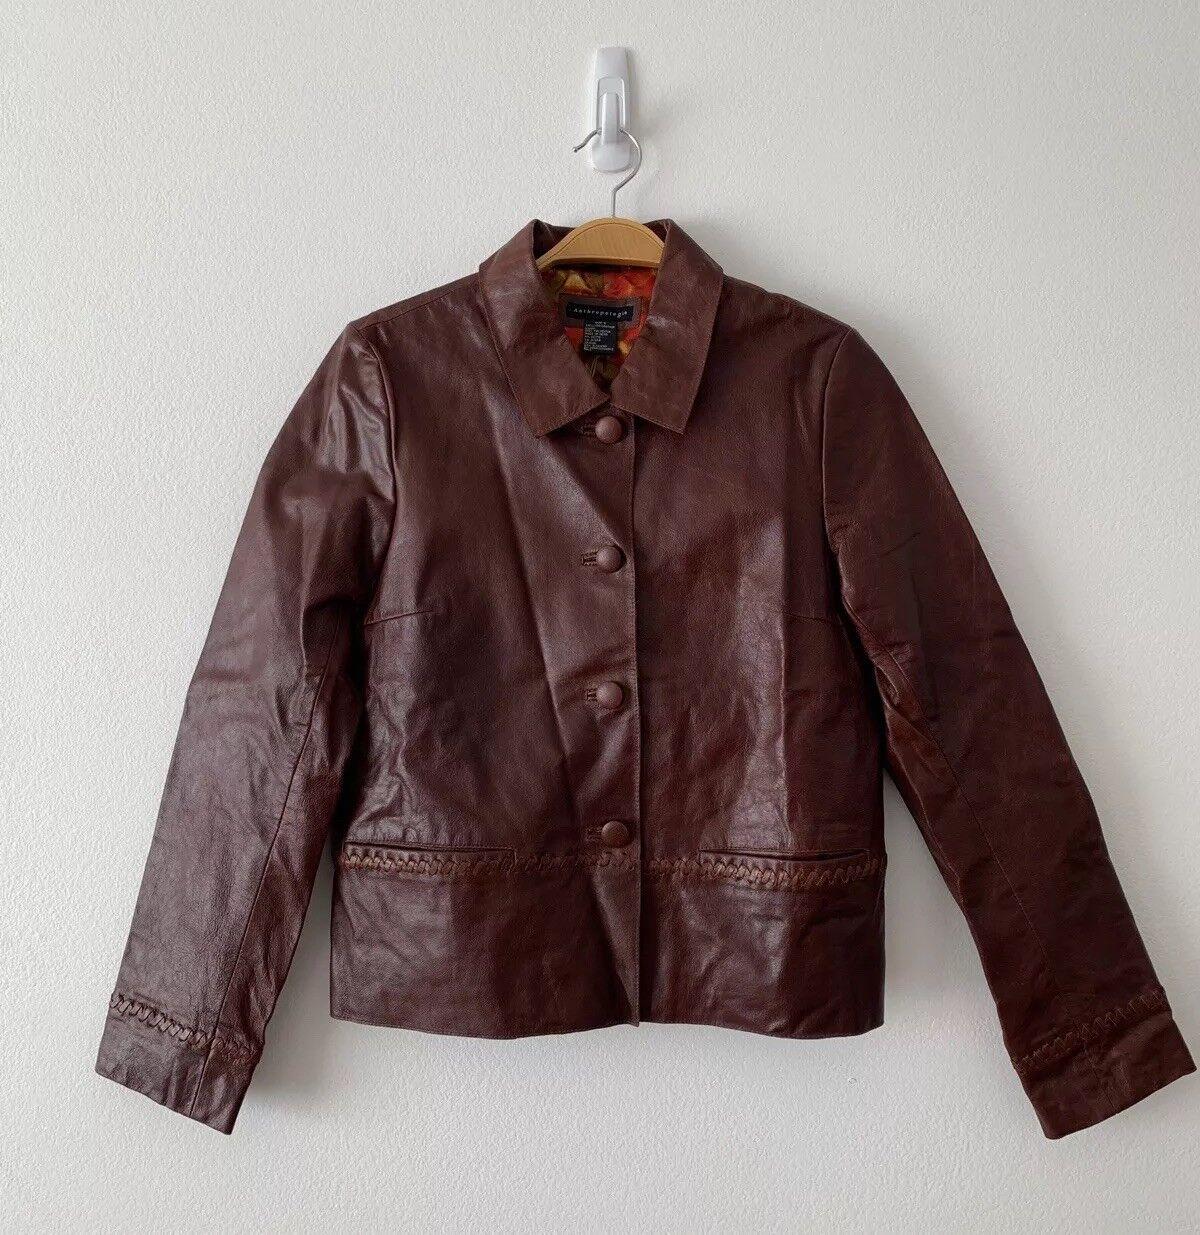 Nuevo con etiquetas Chaqueta Blazer de cuero marrón  Anthropologie al por menor  298 Talla S  para proporcionarle una compra en línea agradable